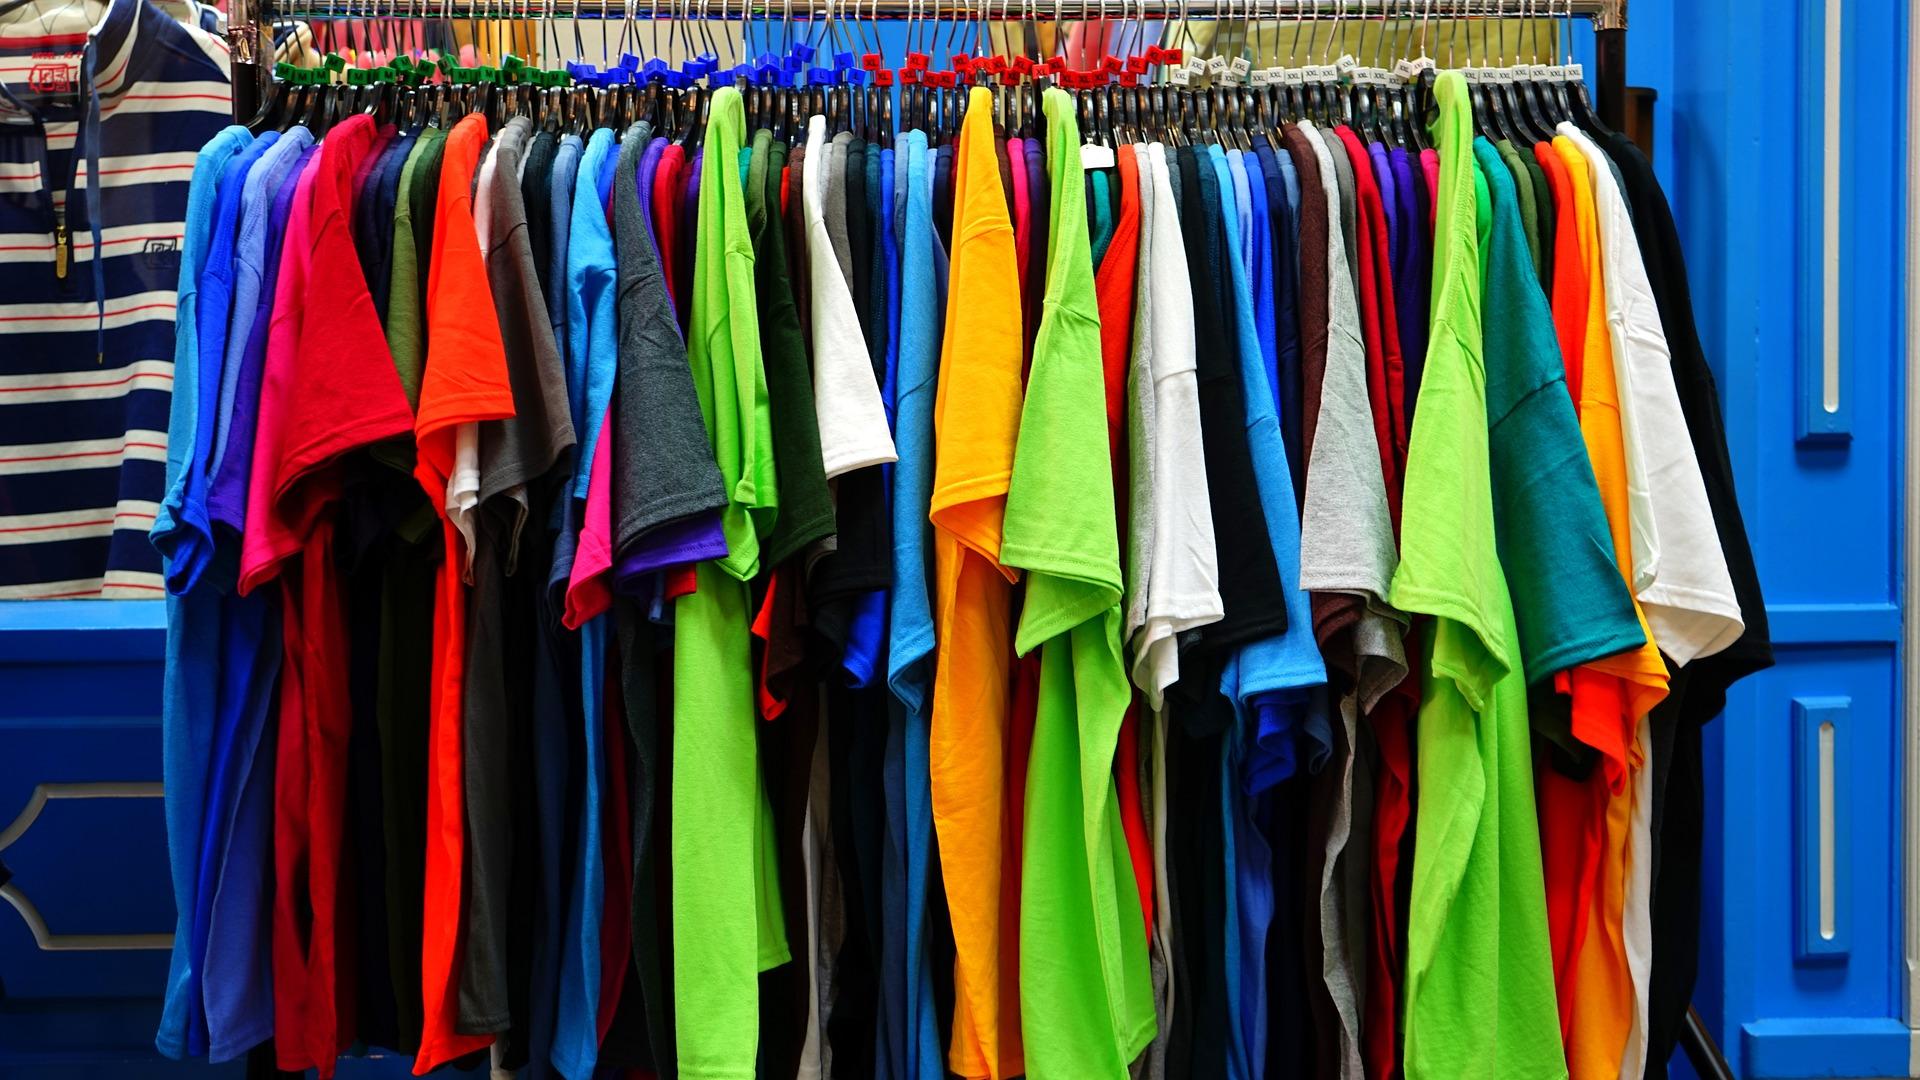 magliette colorate in vendita